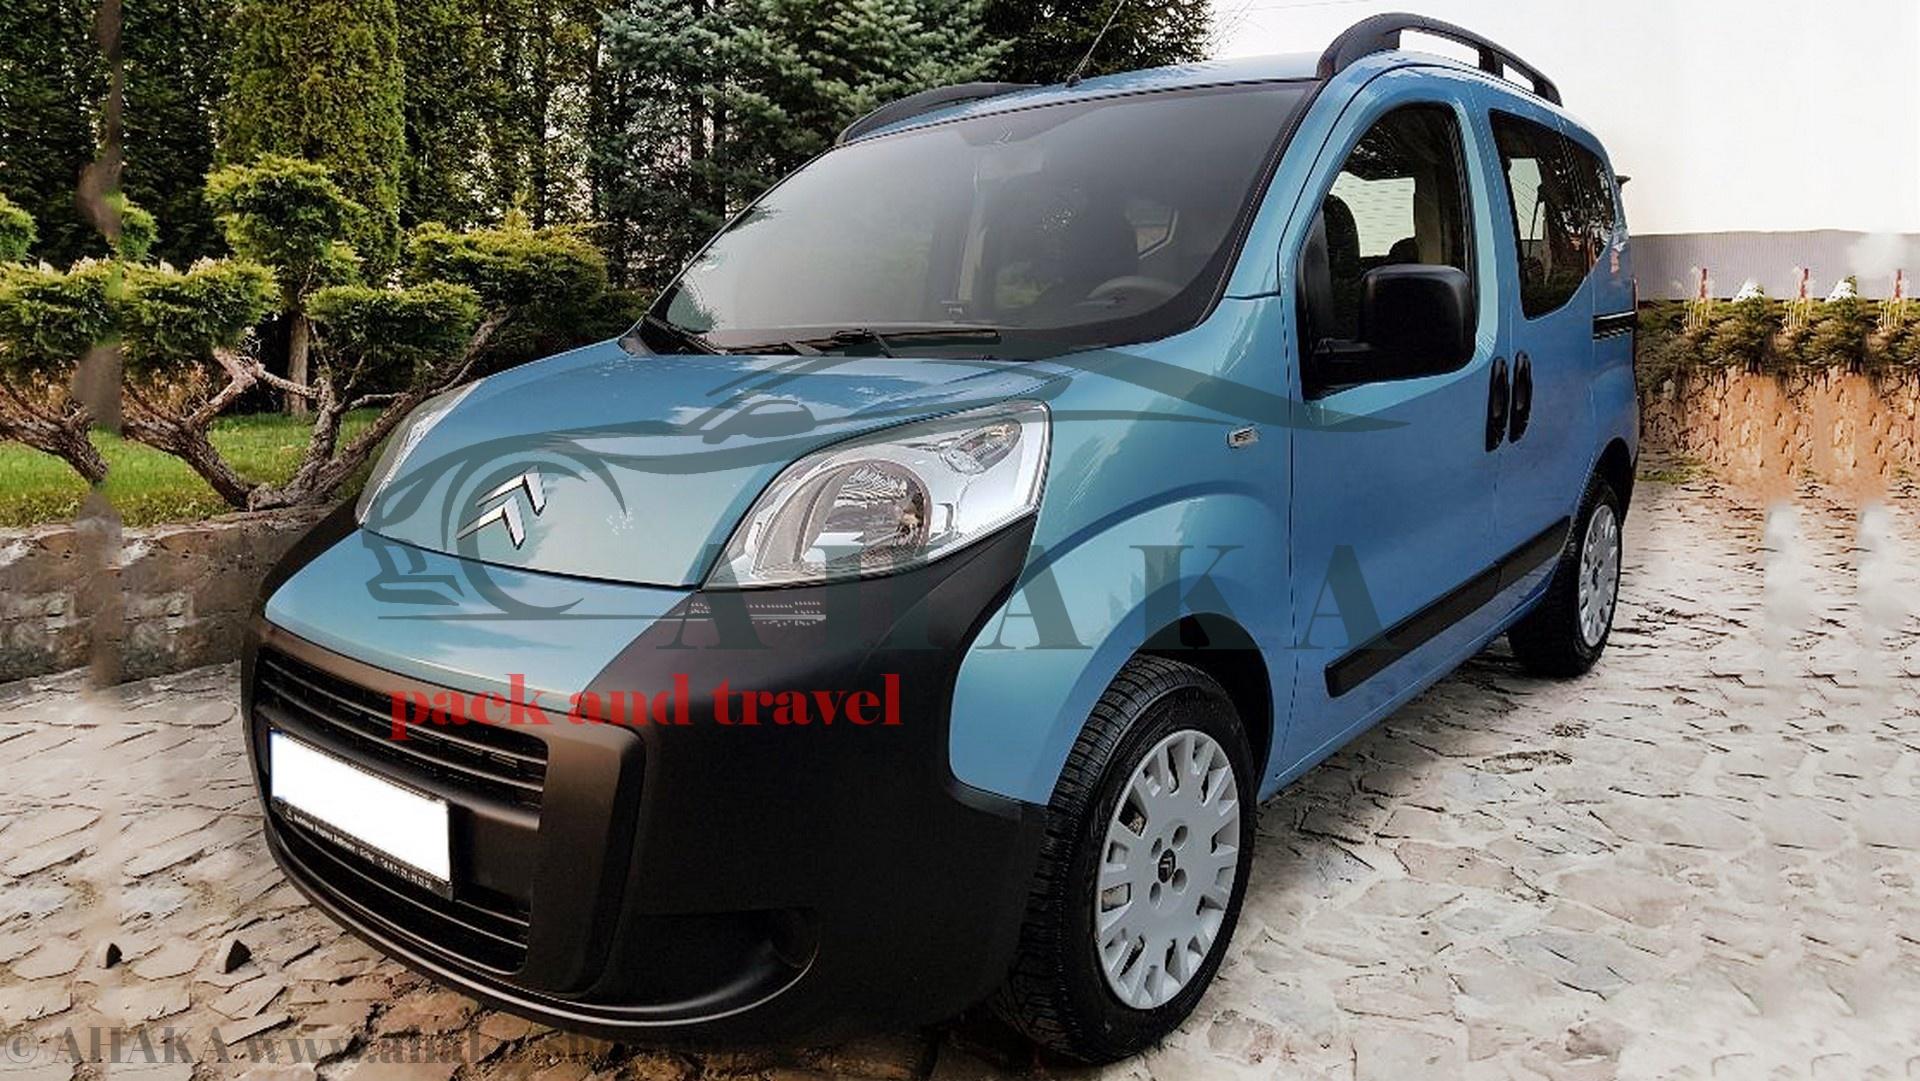 AUTO HAK Anhängerkupplung abnehmbar Für Citroen C3 Picasso 09 7polig AHZV NEU